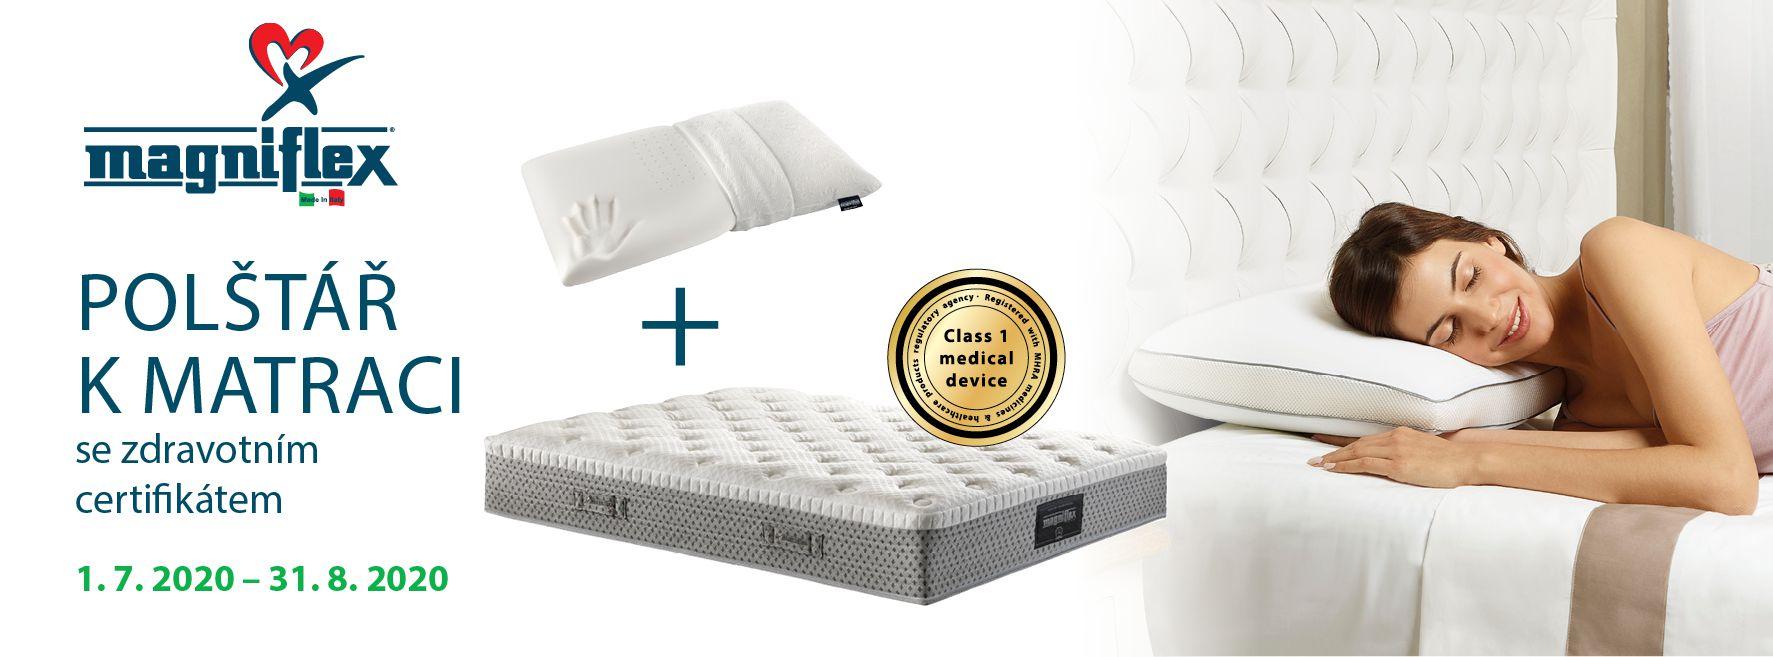 Magniflex - akce Polštář k matraci se zdravotním certifikátem červenec, srpen